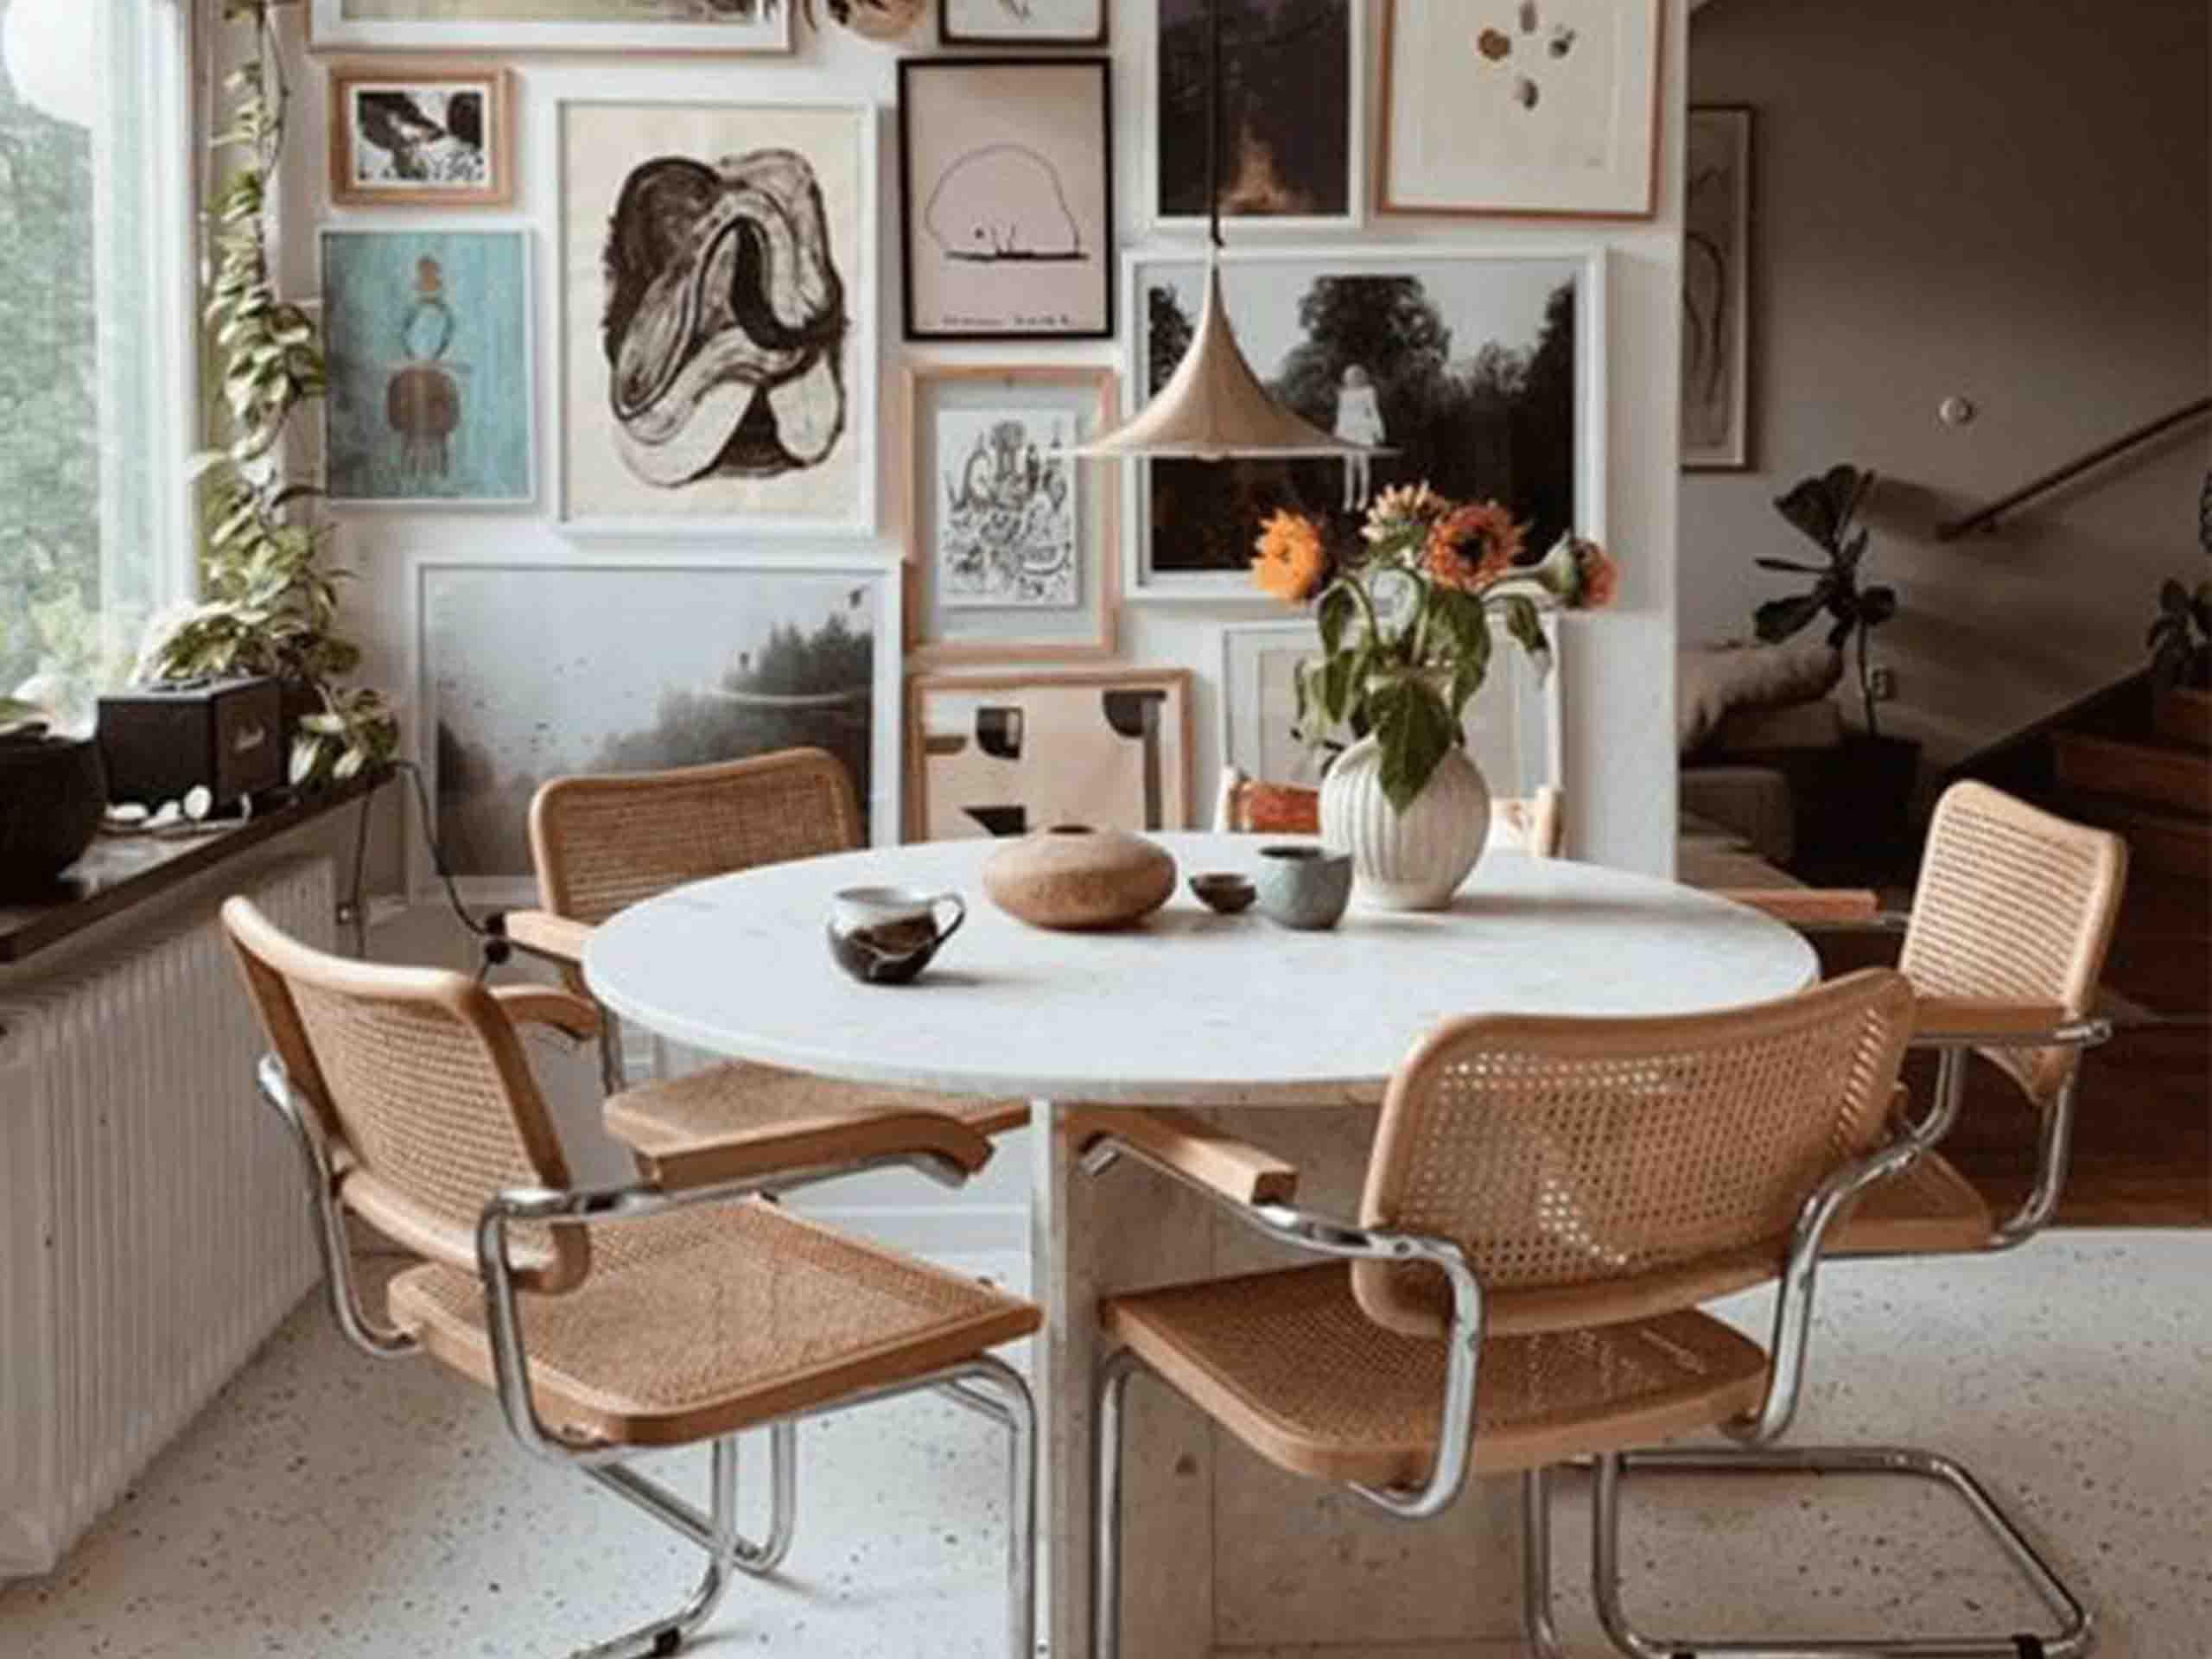 Définition du style vintage en décoration d'intérieur